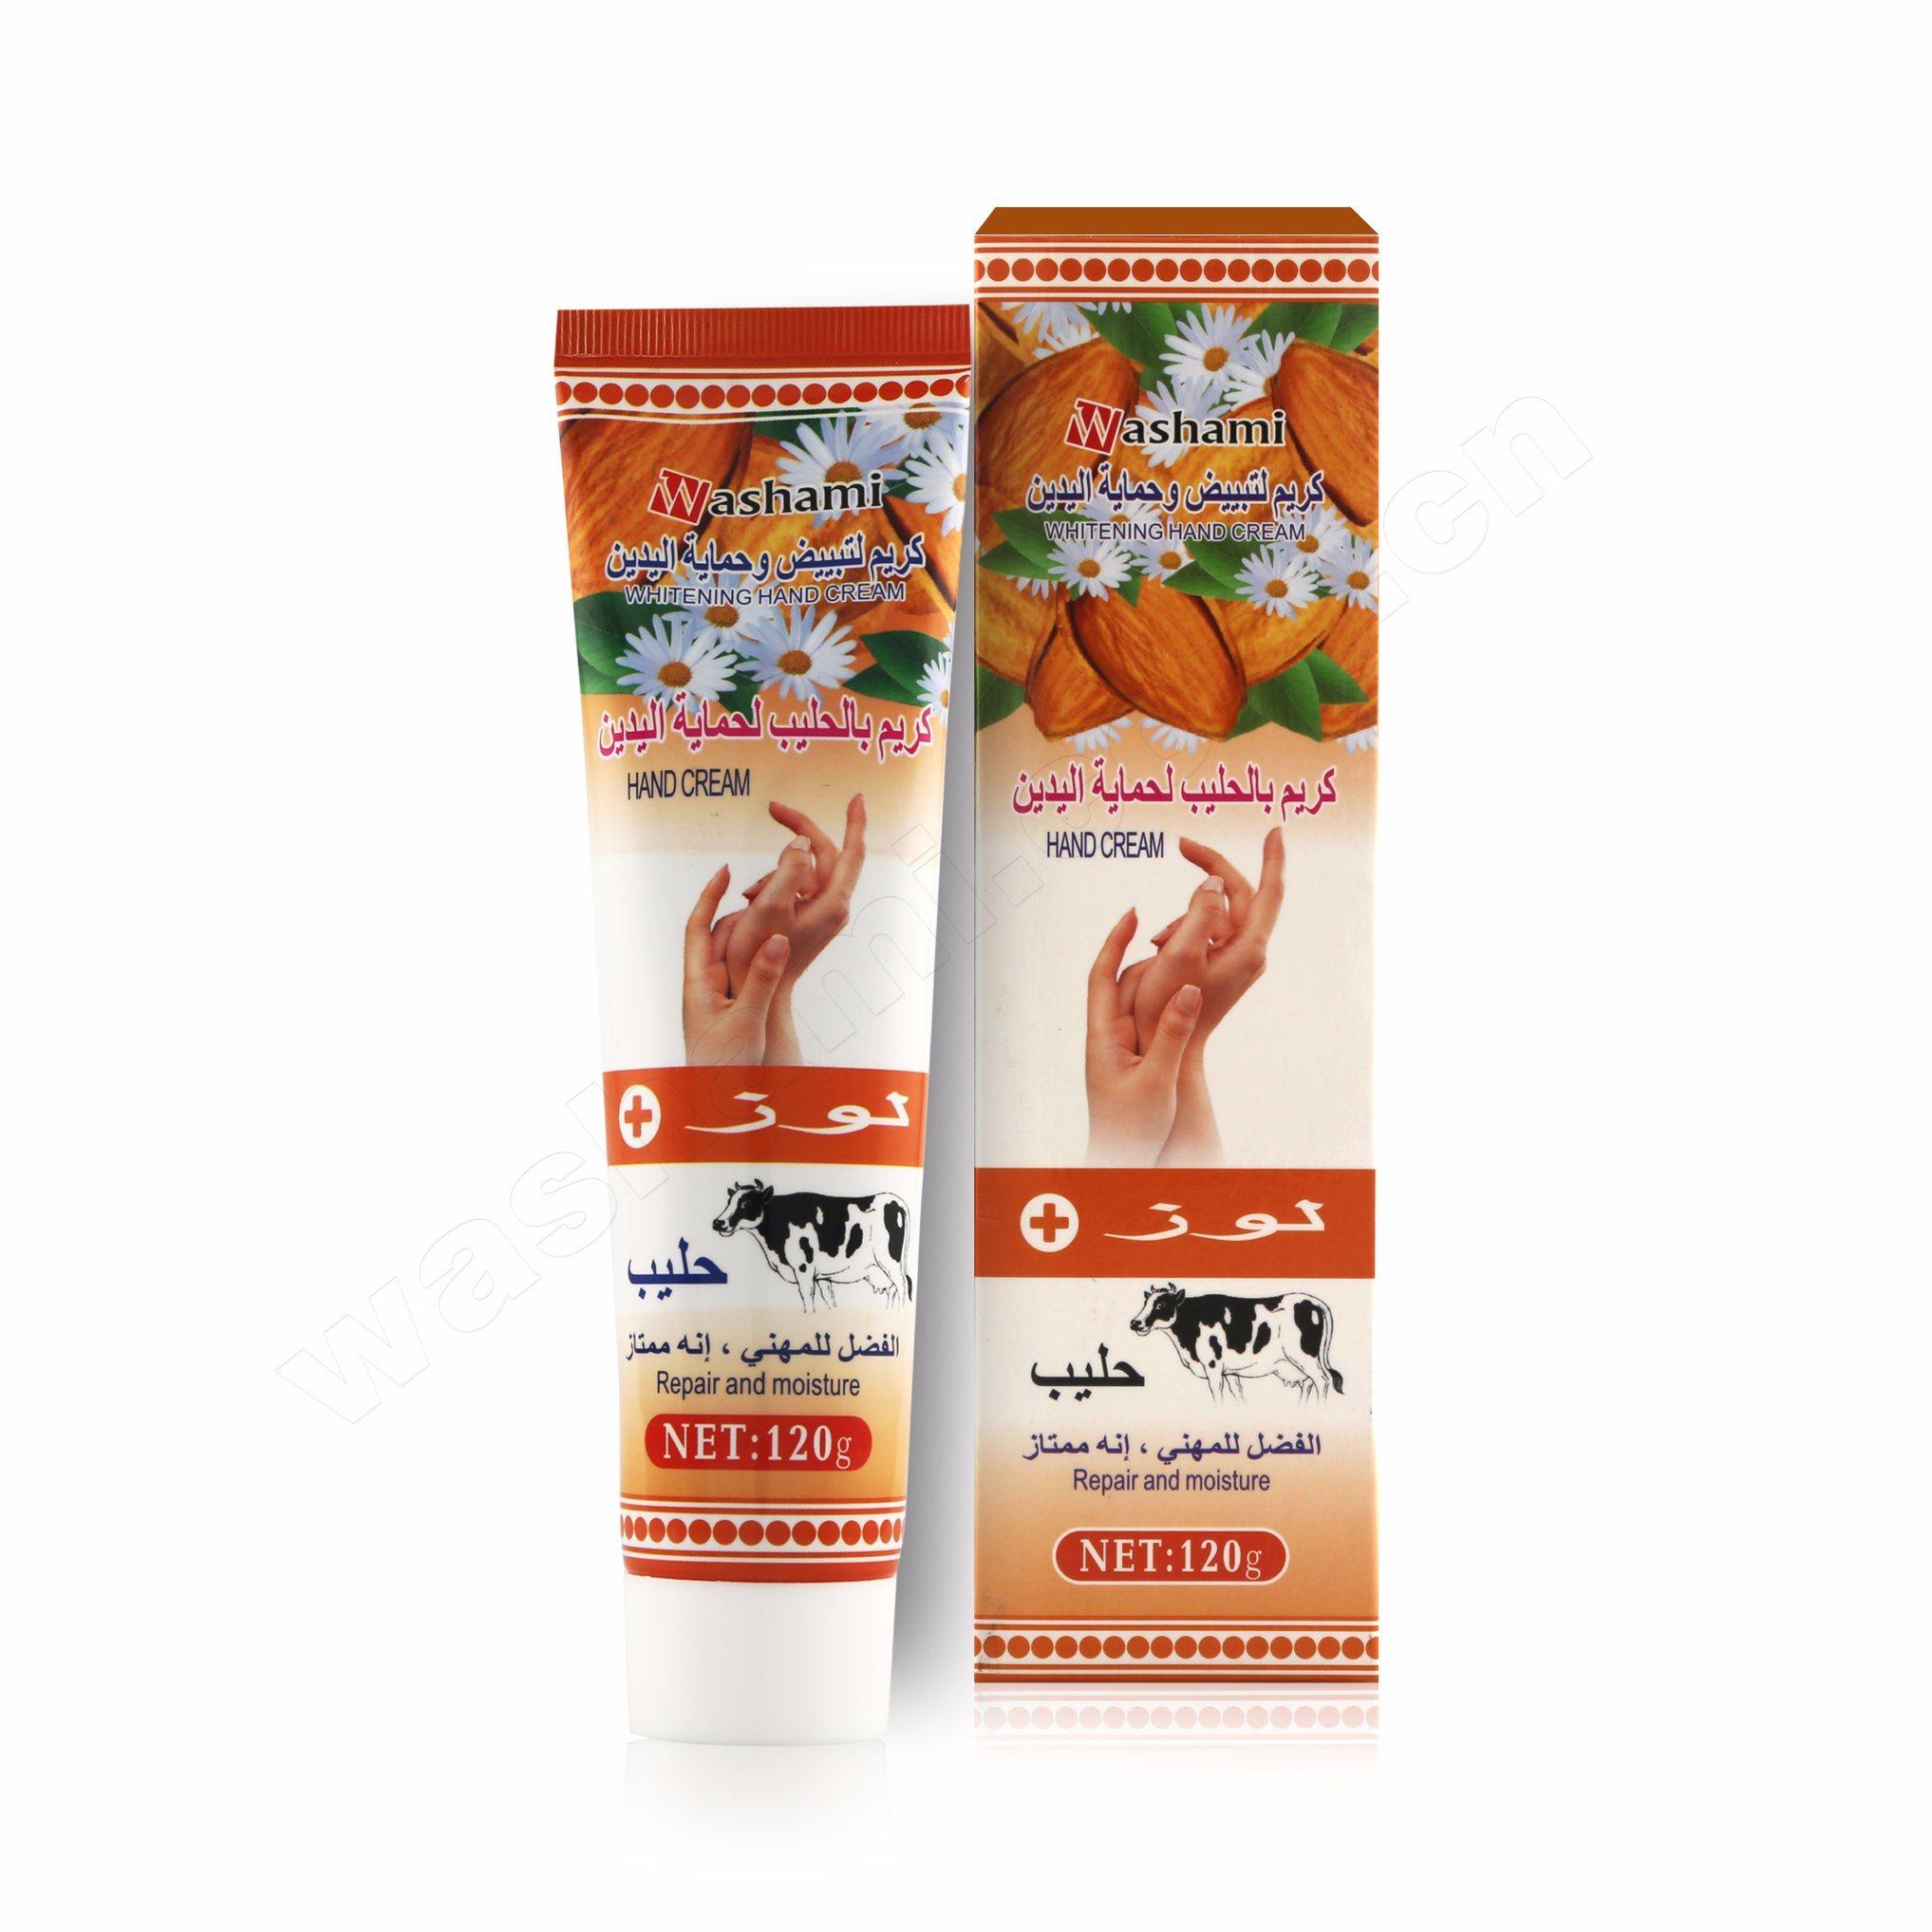 Washami Hand Whitening Cream and Moisturizing Cream